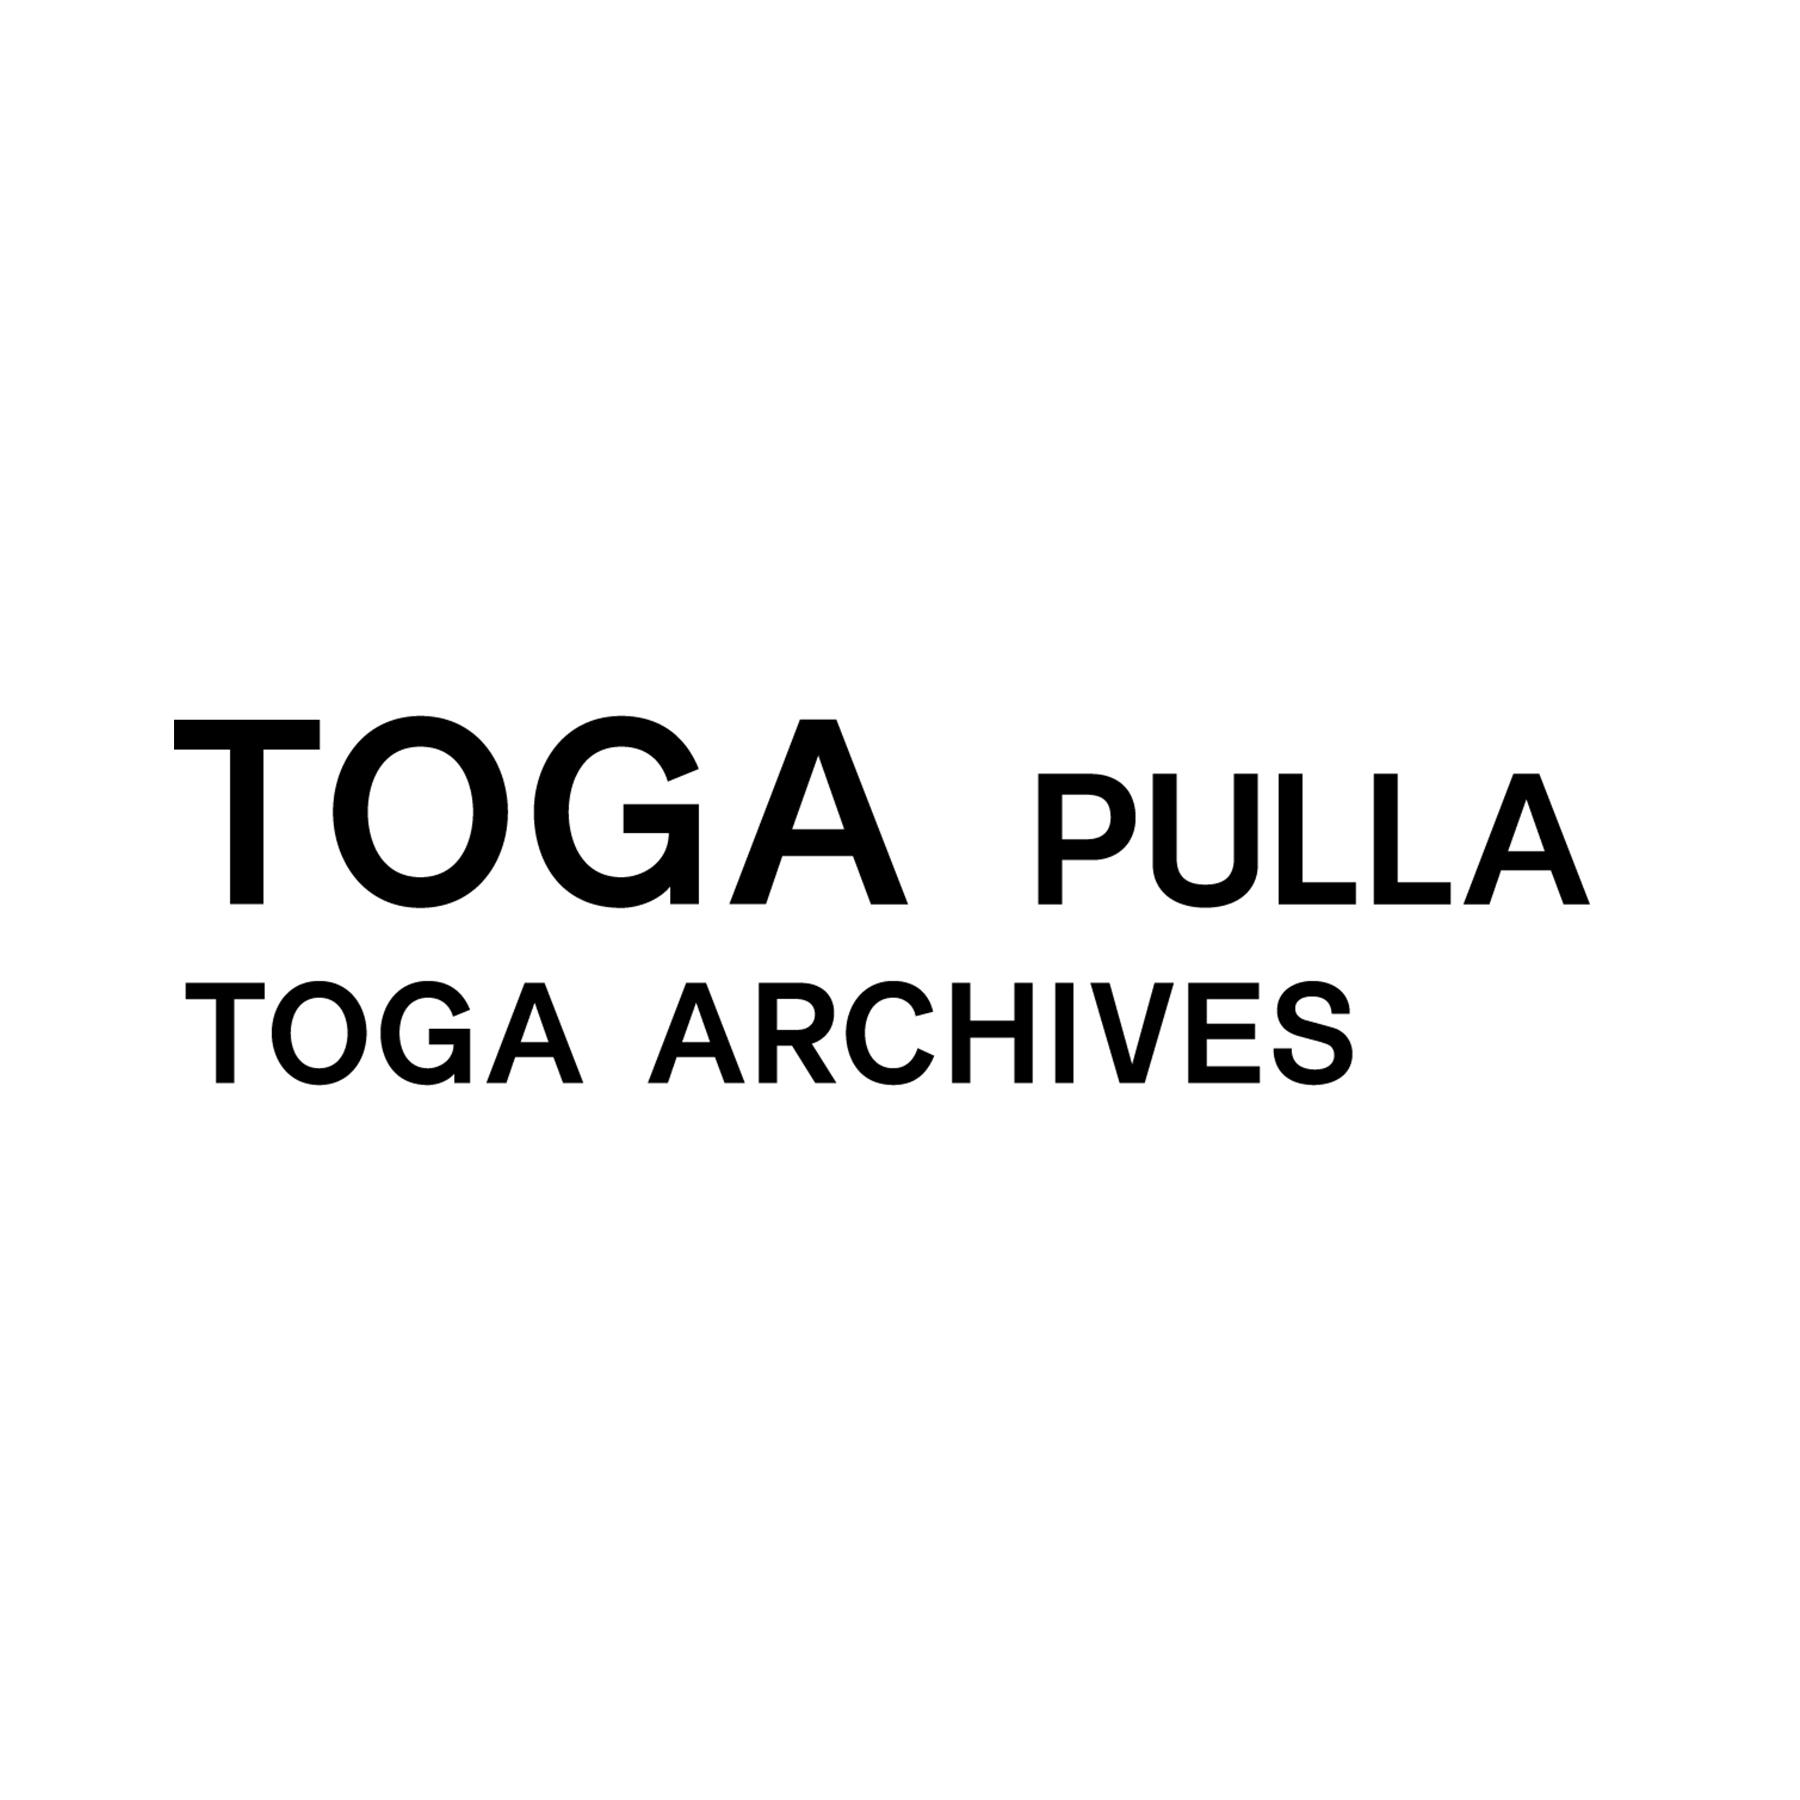 Toga_Pulla.jpg